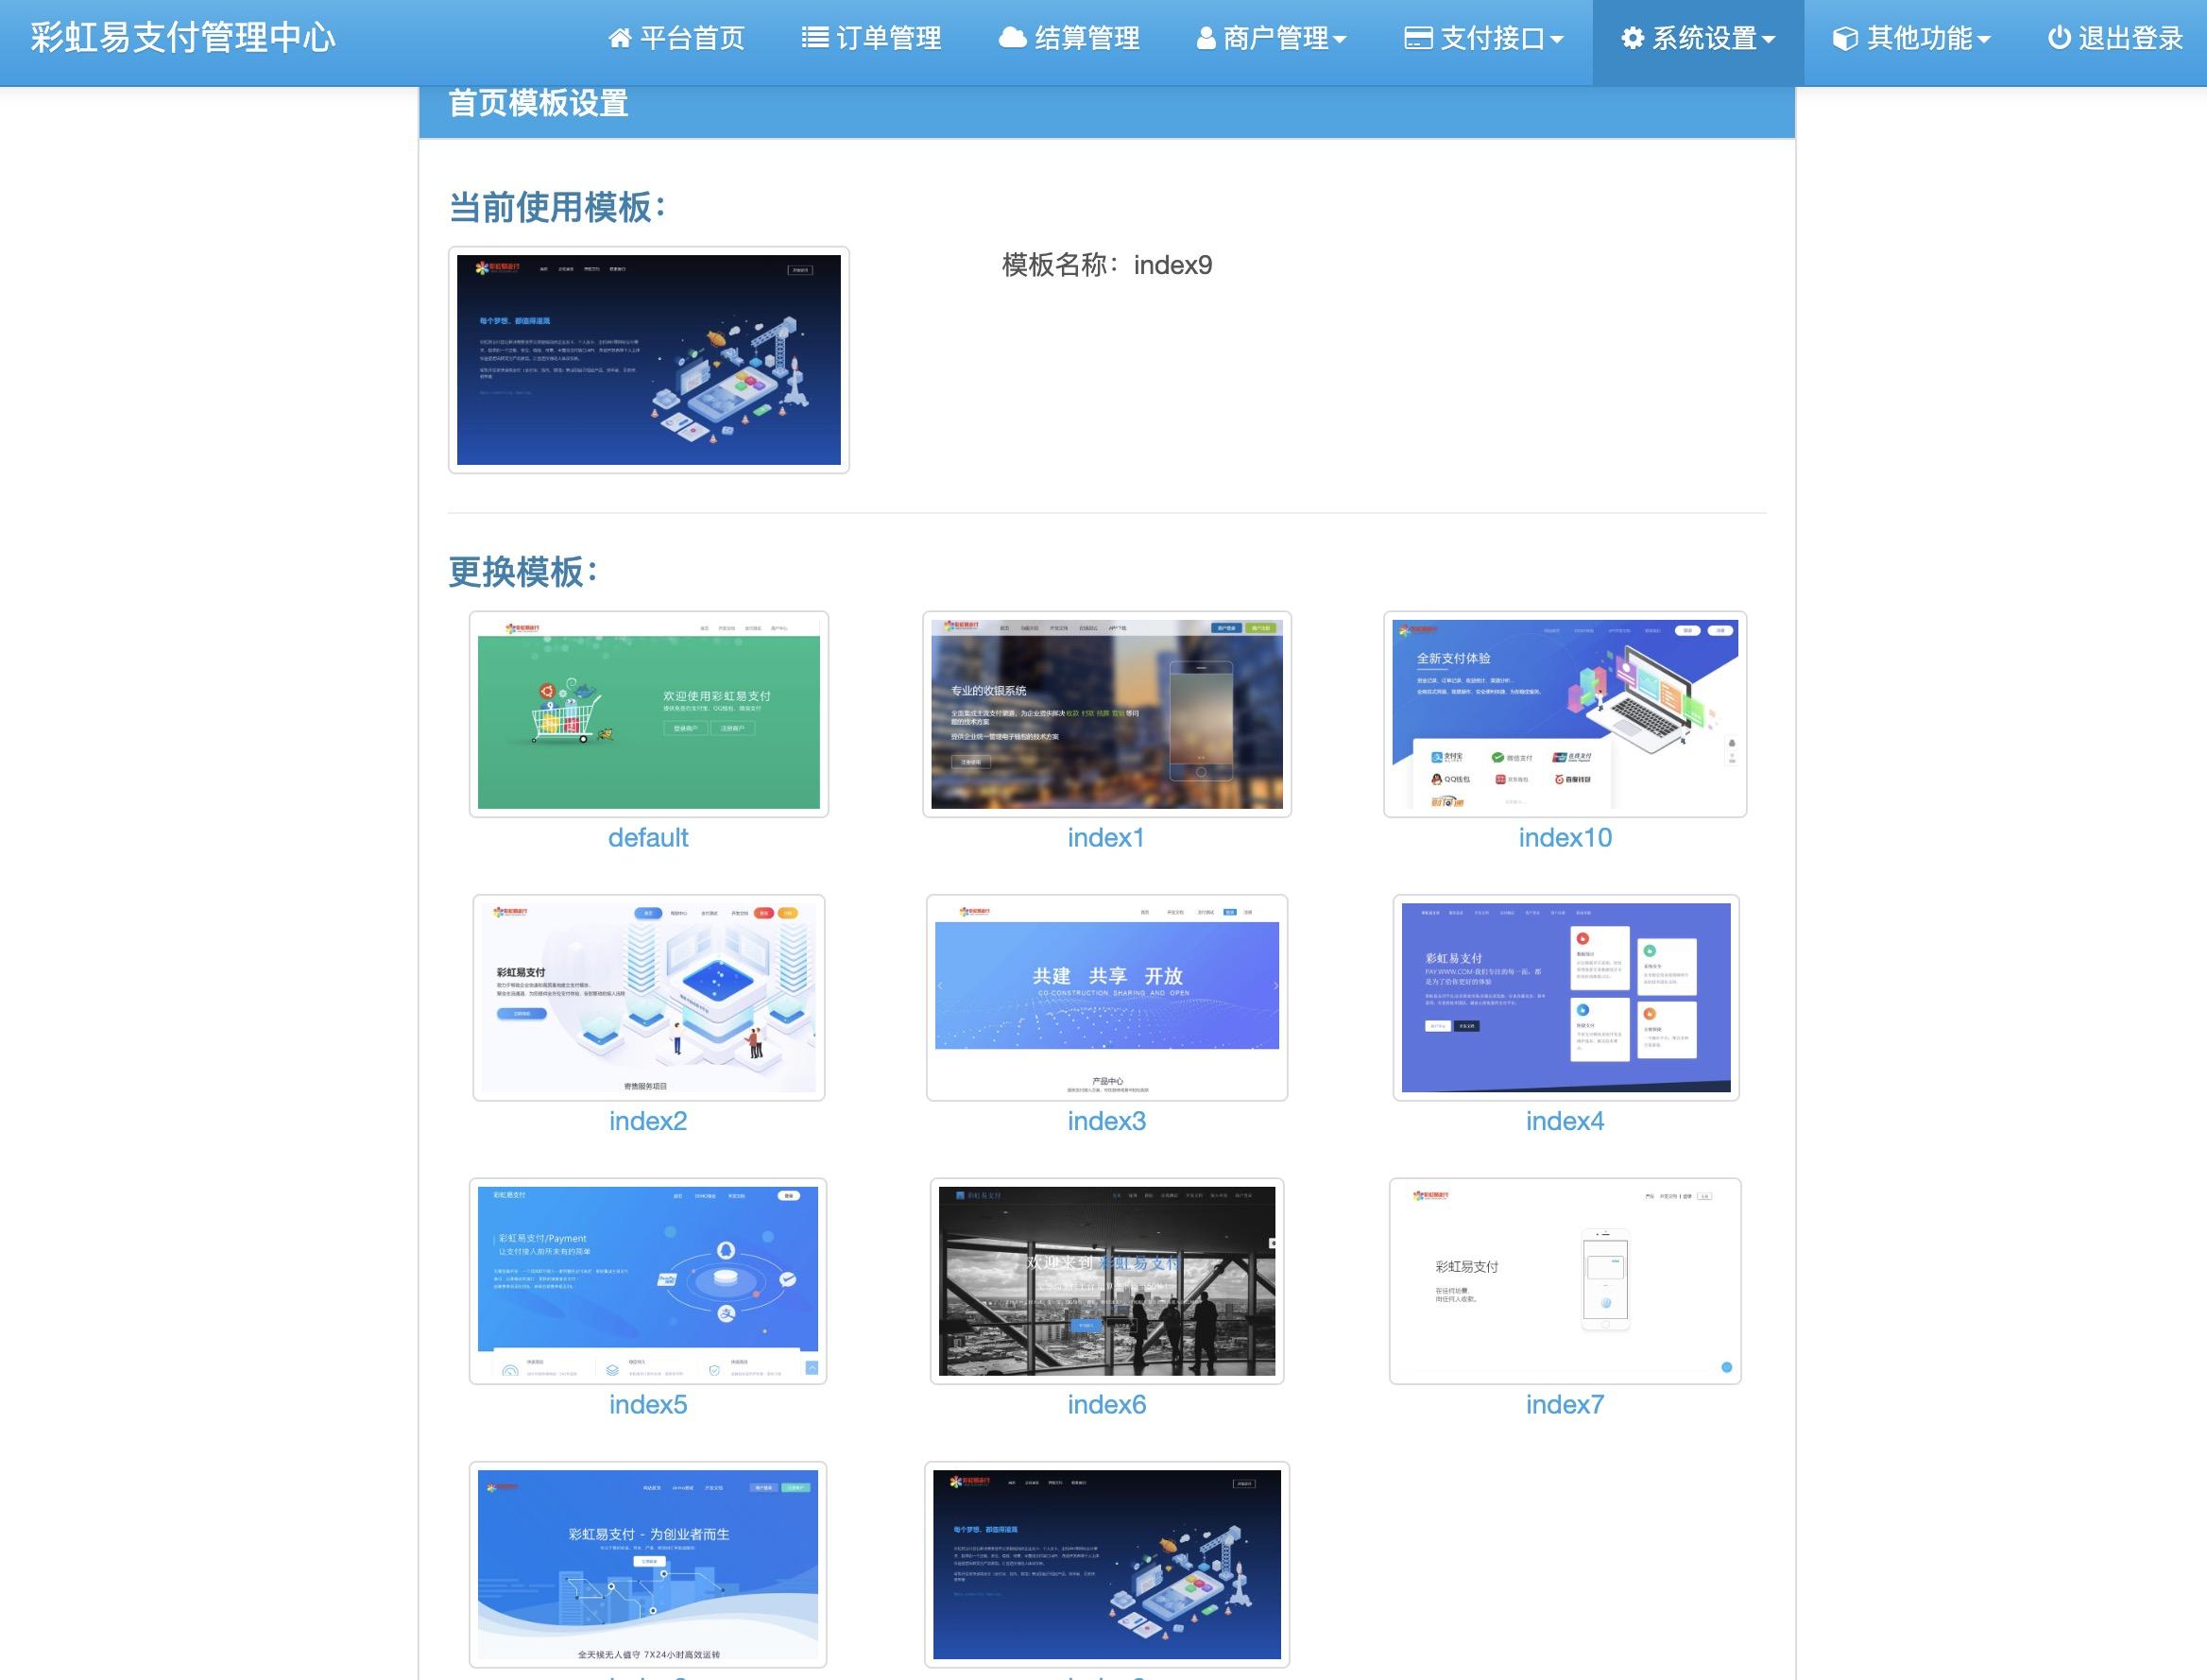 【首发】彩虹易支付最新版源码v8.1[2020.10.24]支持轮训/银联/京东/实名认证